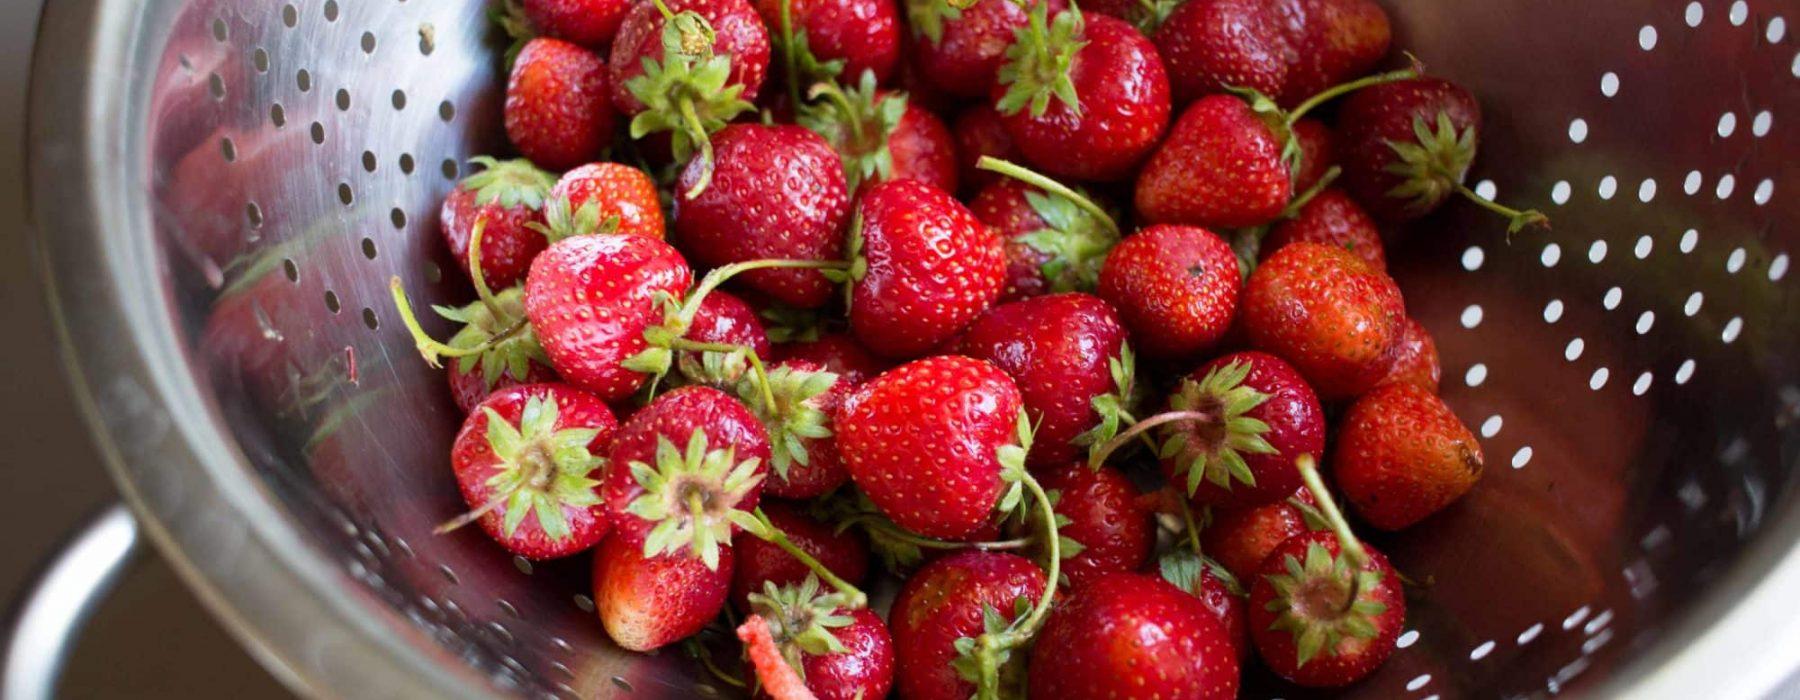 Pause Moderne -Box creative et gourmande Article blog -Conserver des fraises